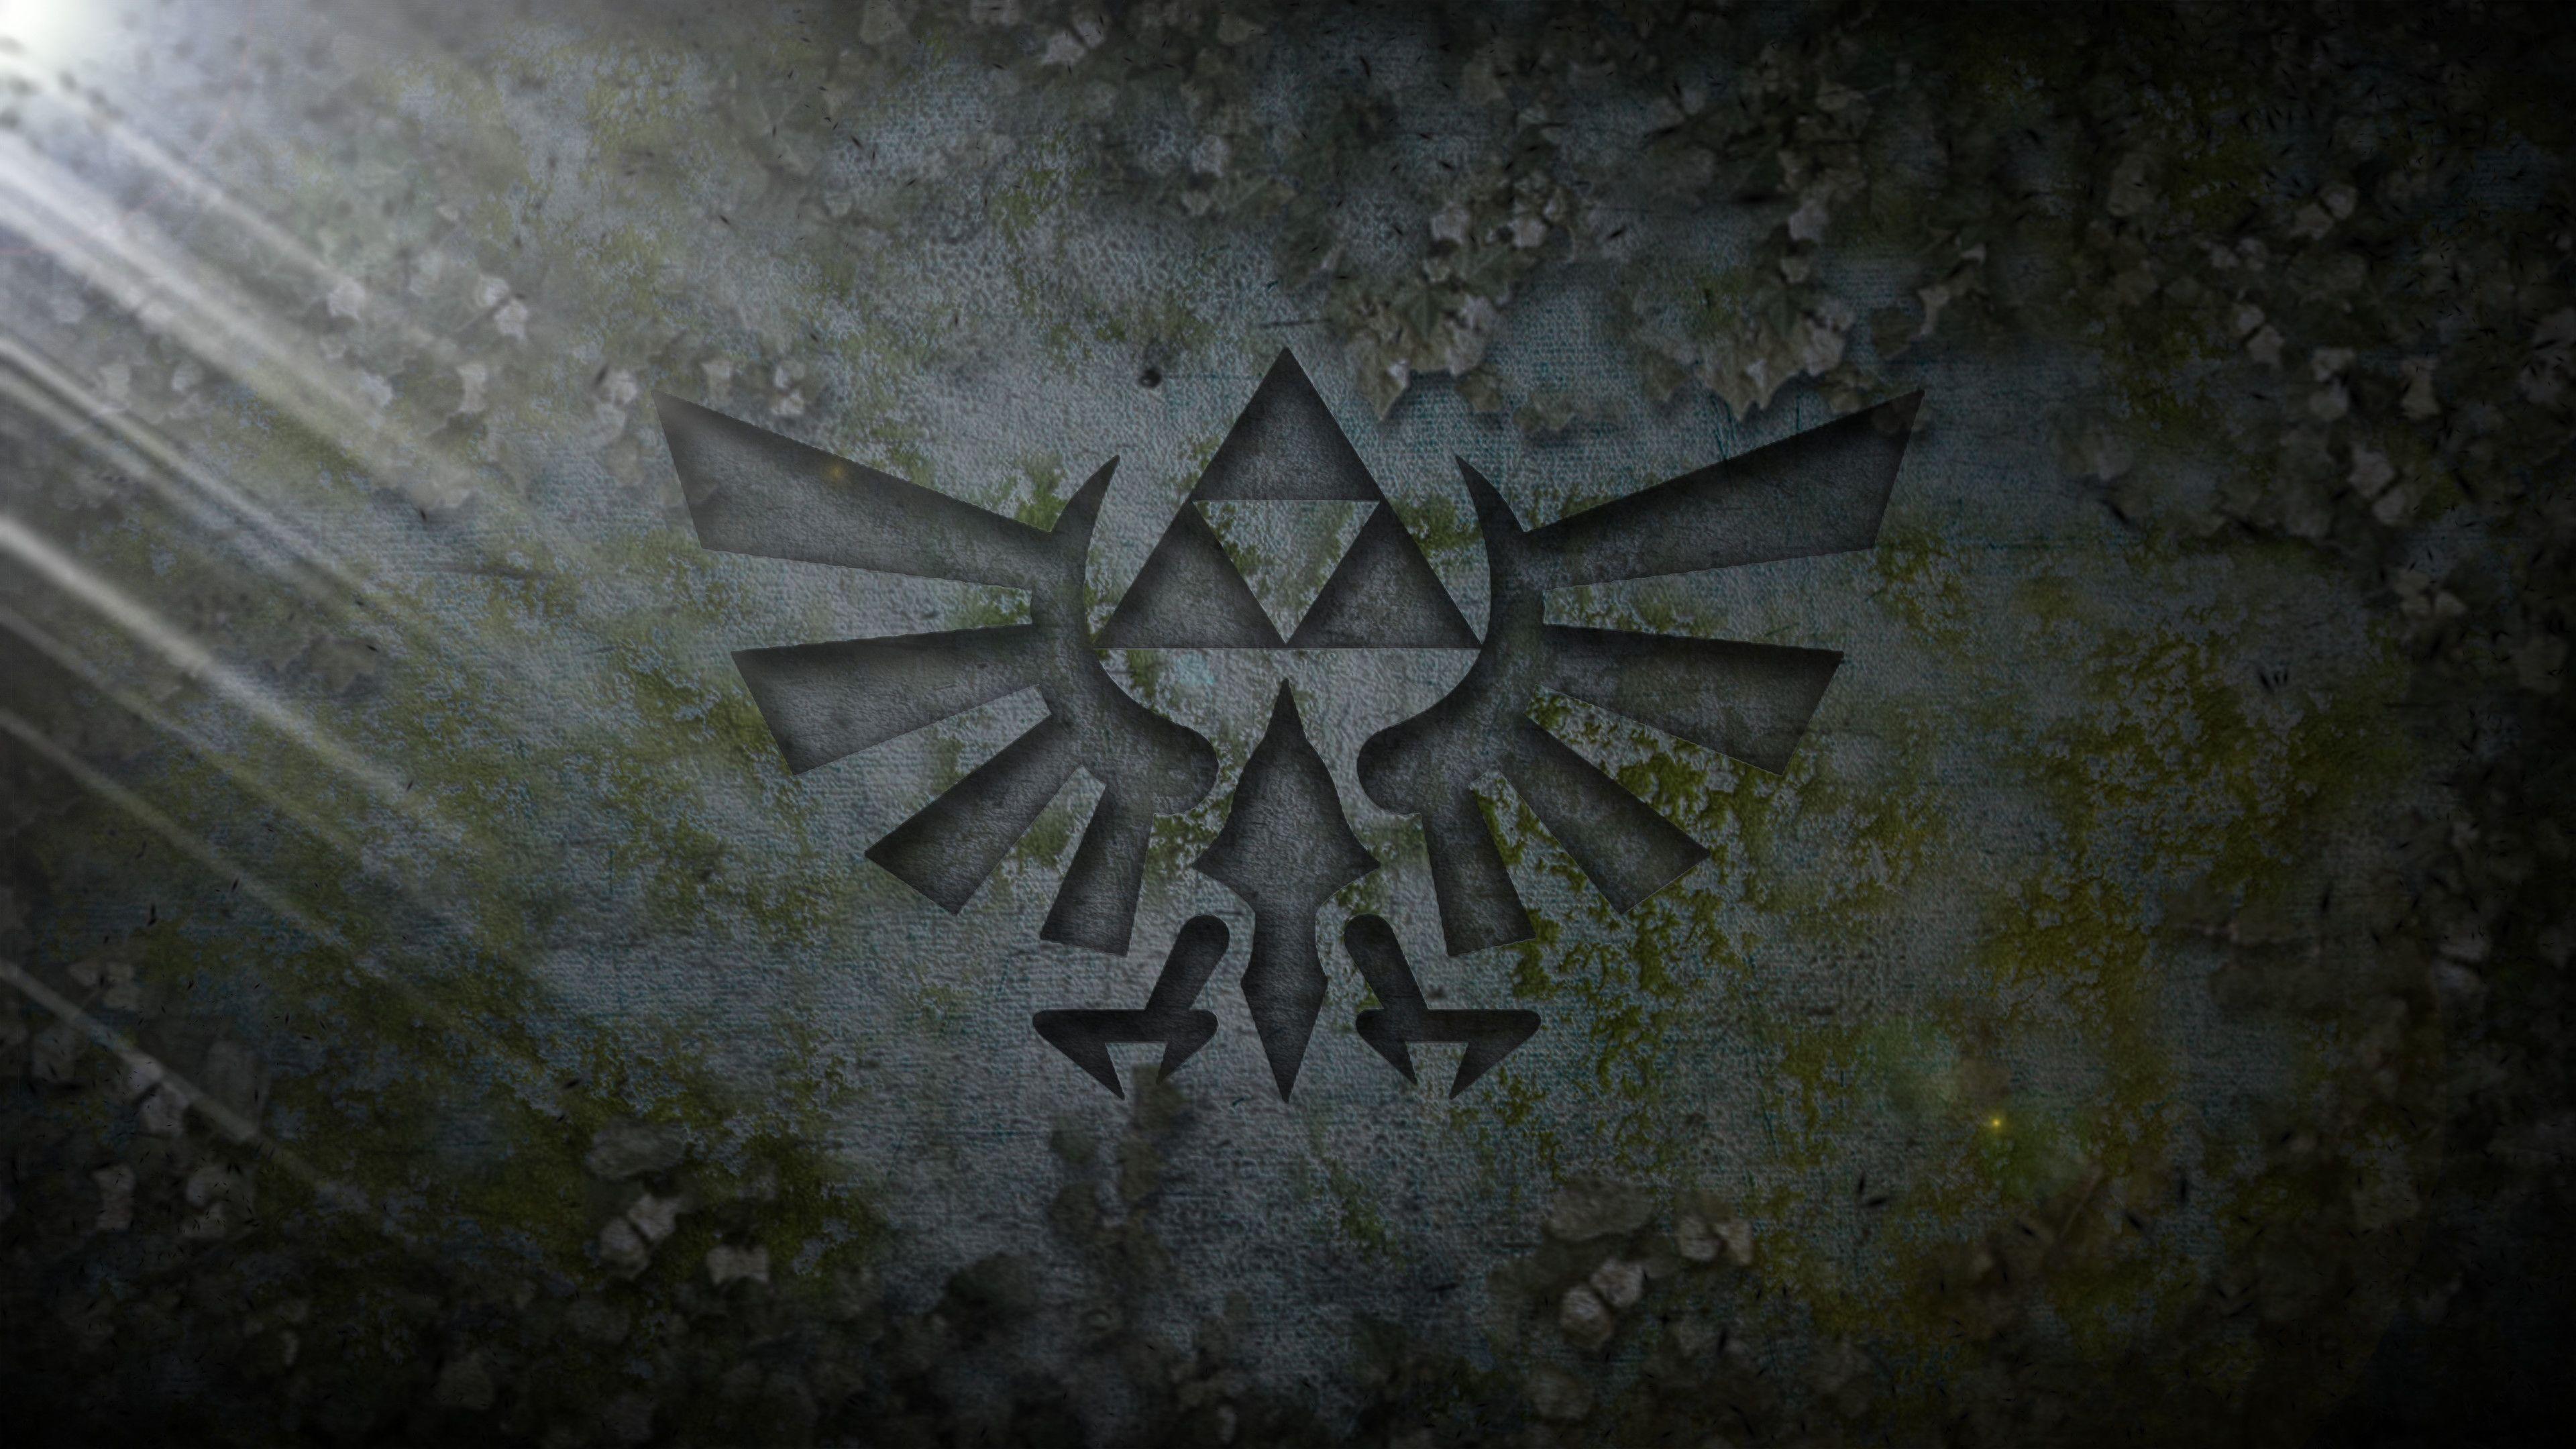 3840x2160 Triforce Stone Wallpaper 4k Zelda de Aalegre